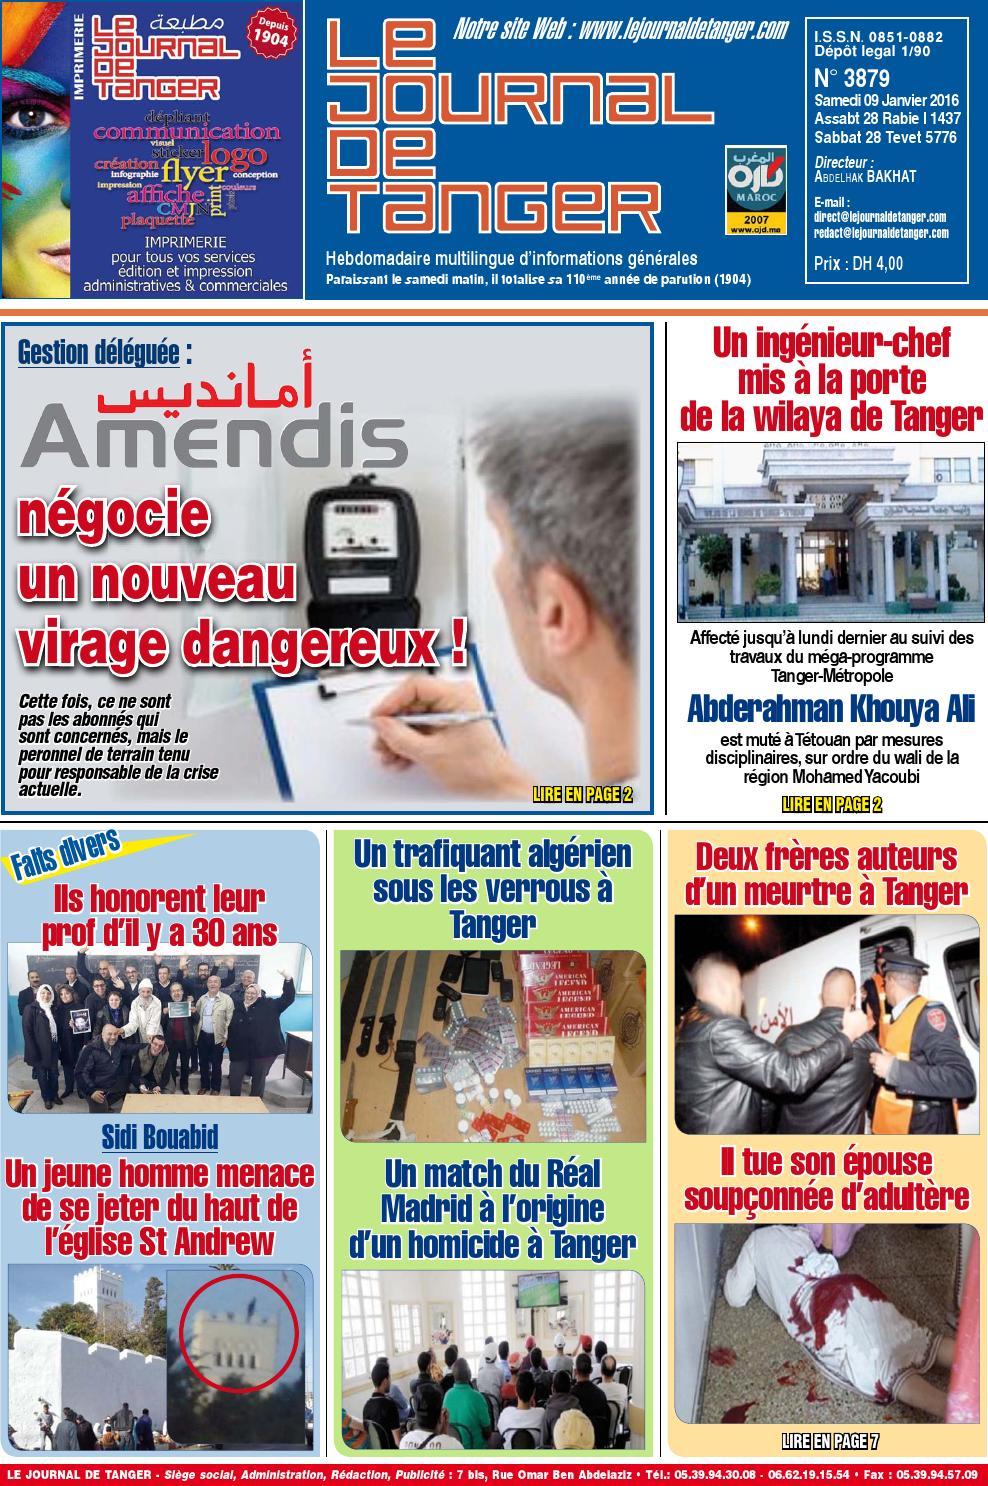 le journal de tanger 09 janvier 2016 by le journal de